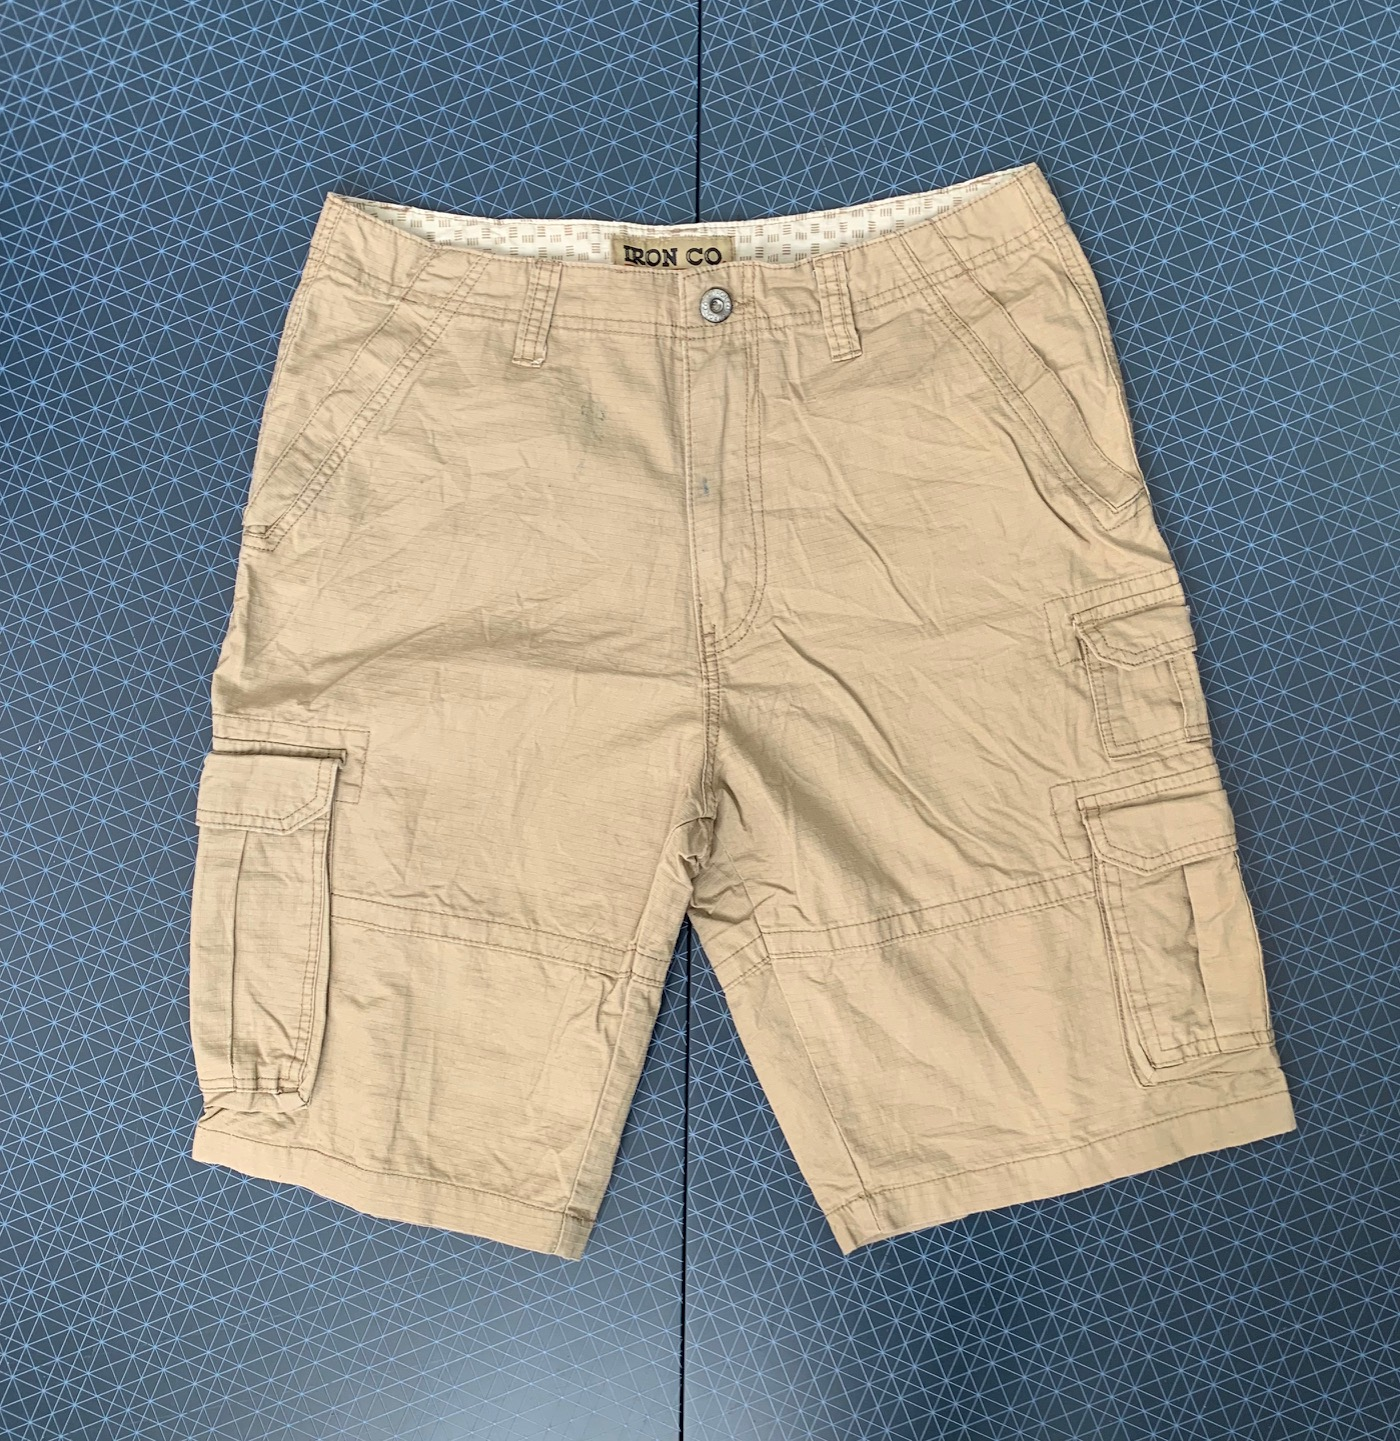 Мужские песочные шорты от IRON CO